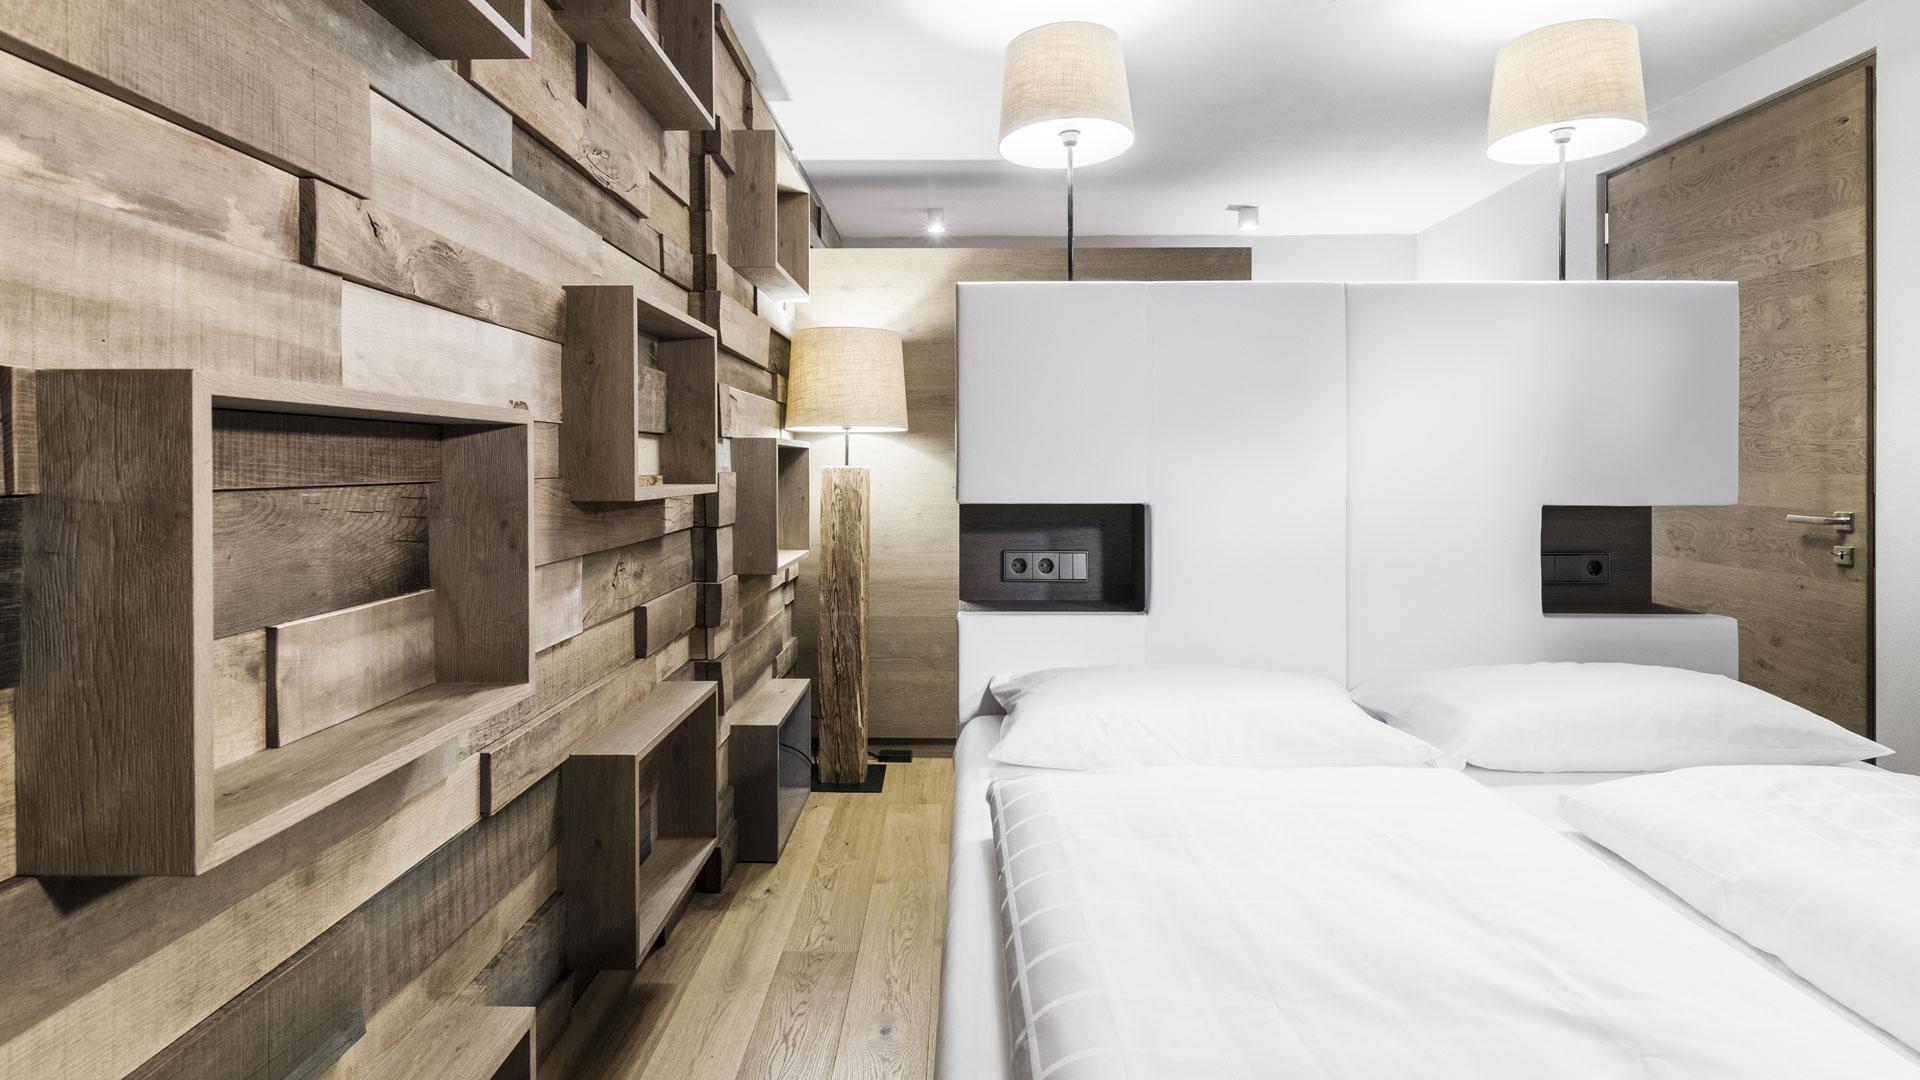 Traumhafter skiurlaub in den dolomiten for Design hotels skiurlaub